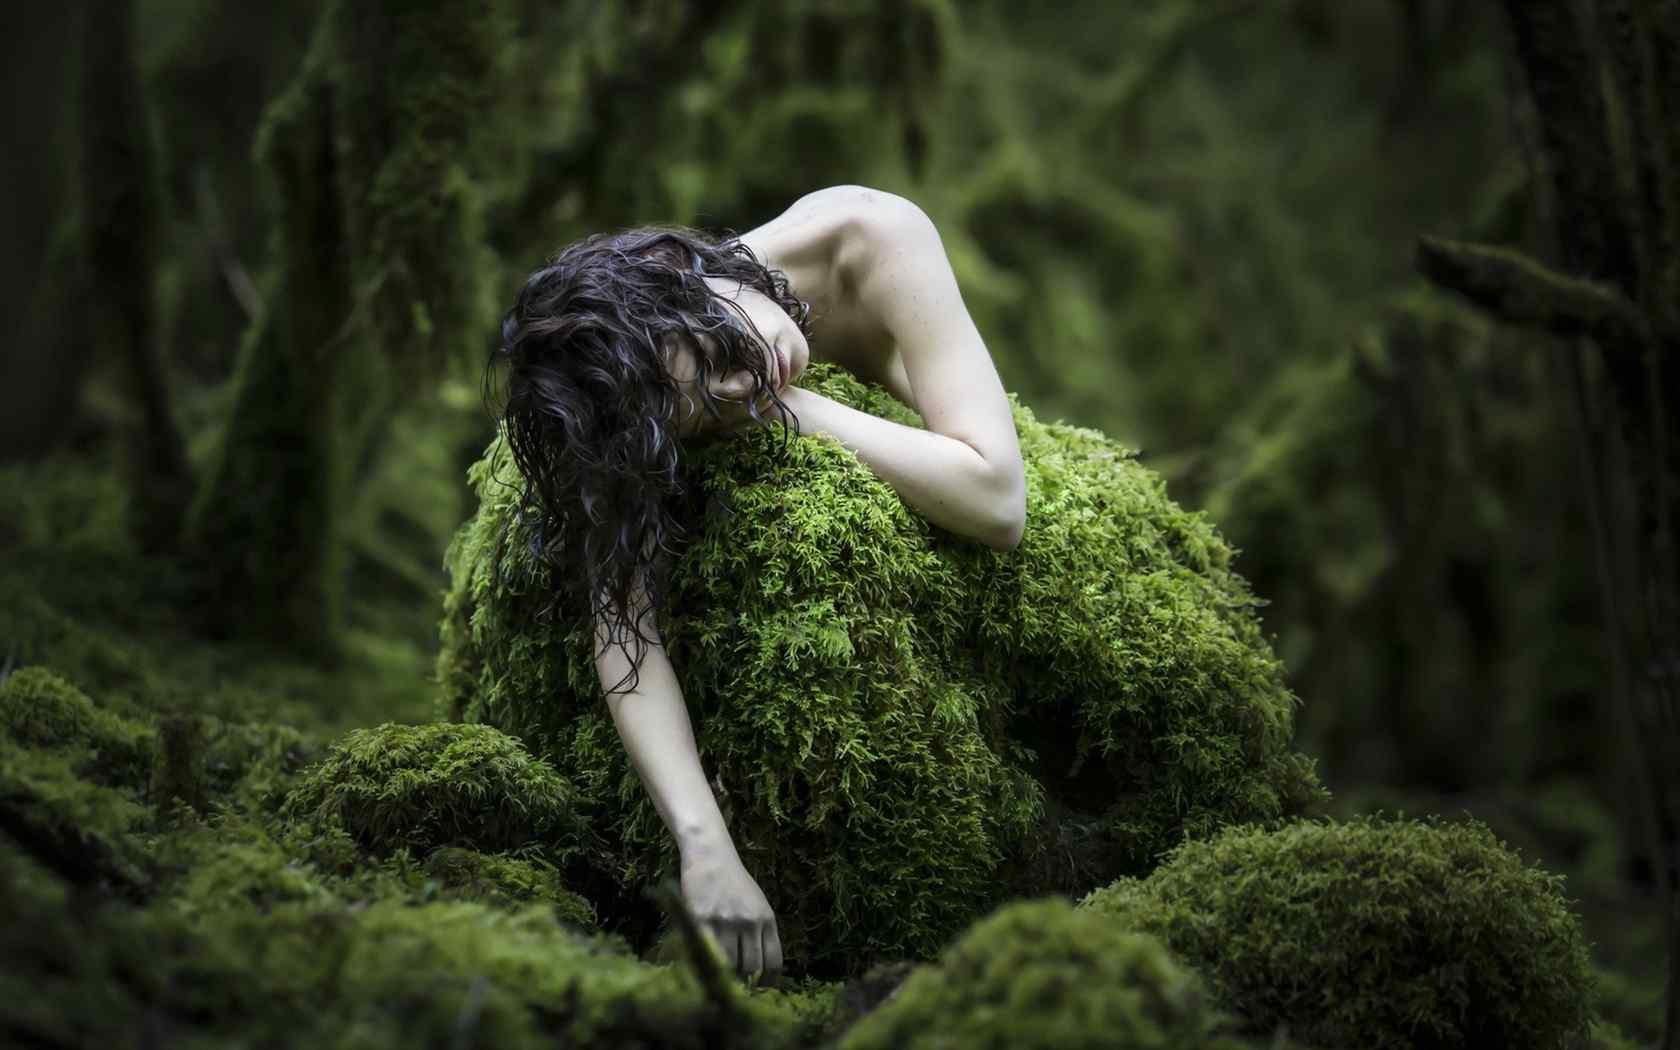 裸身美女小清新唯美写真图片